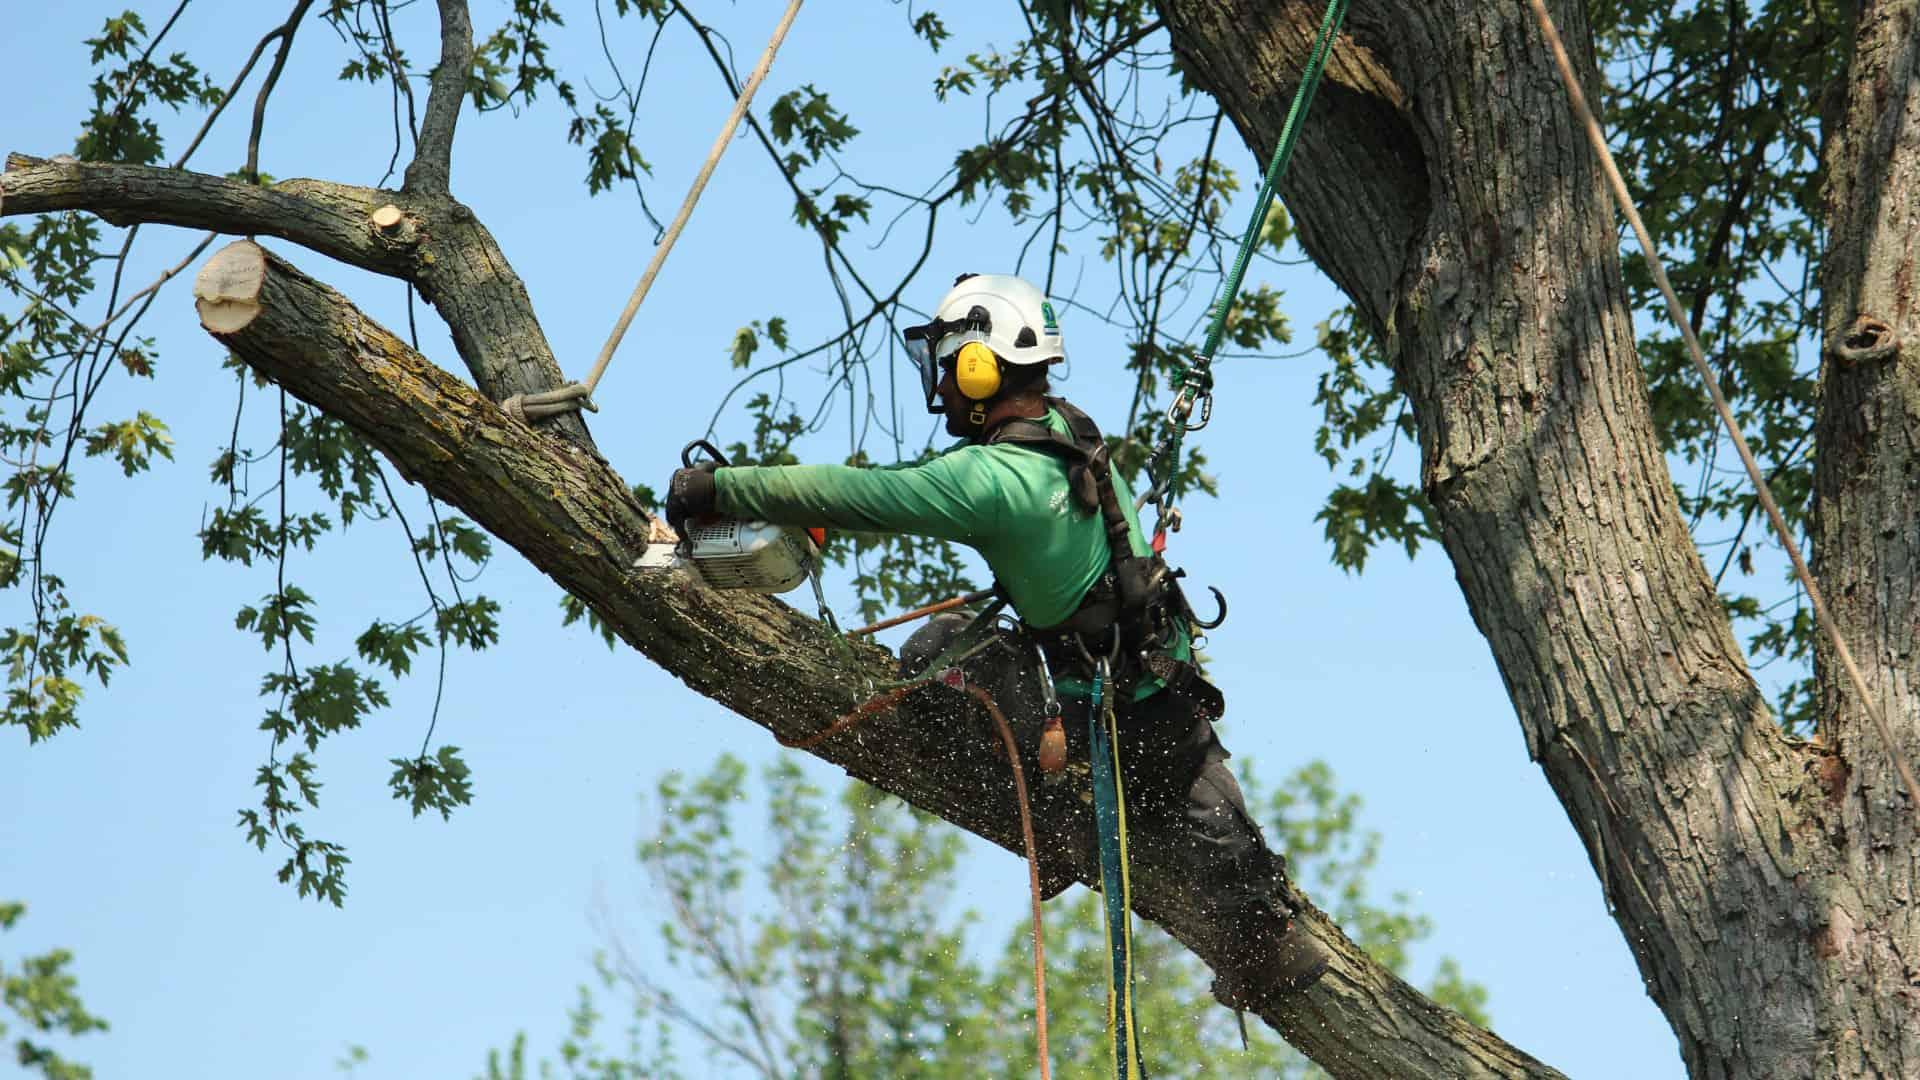 Émondage d'arbre au Québec